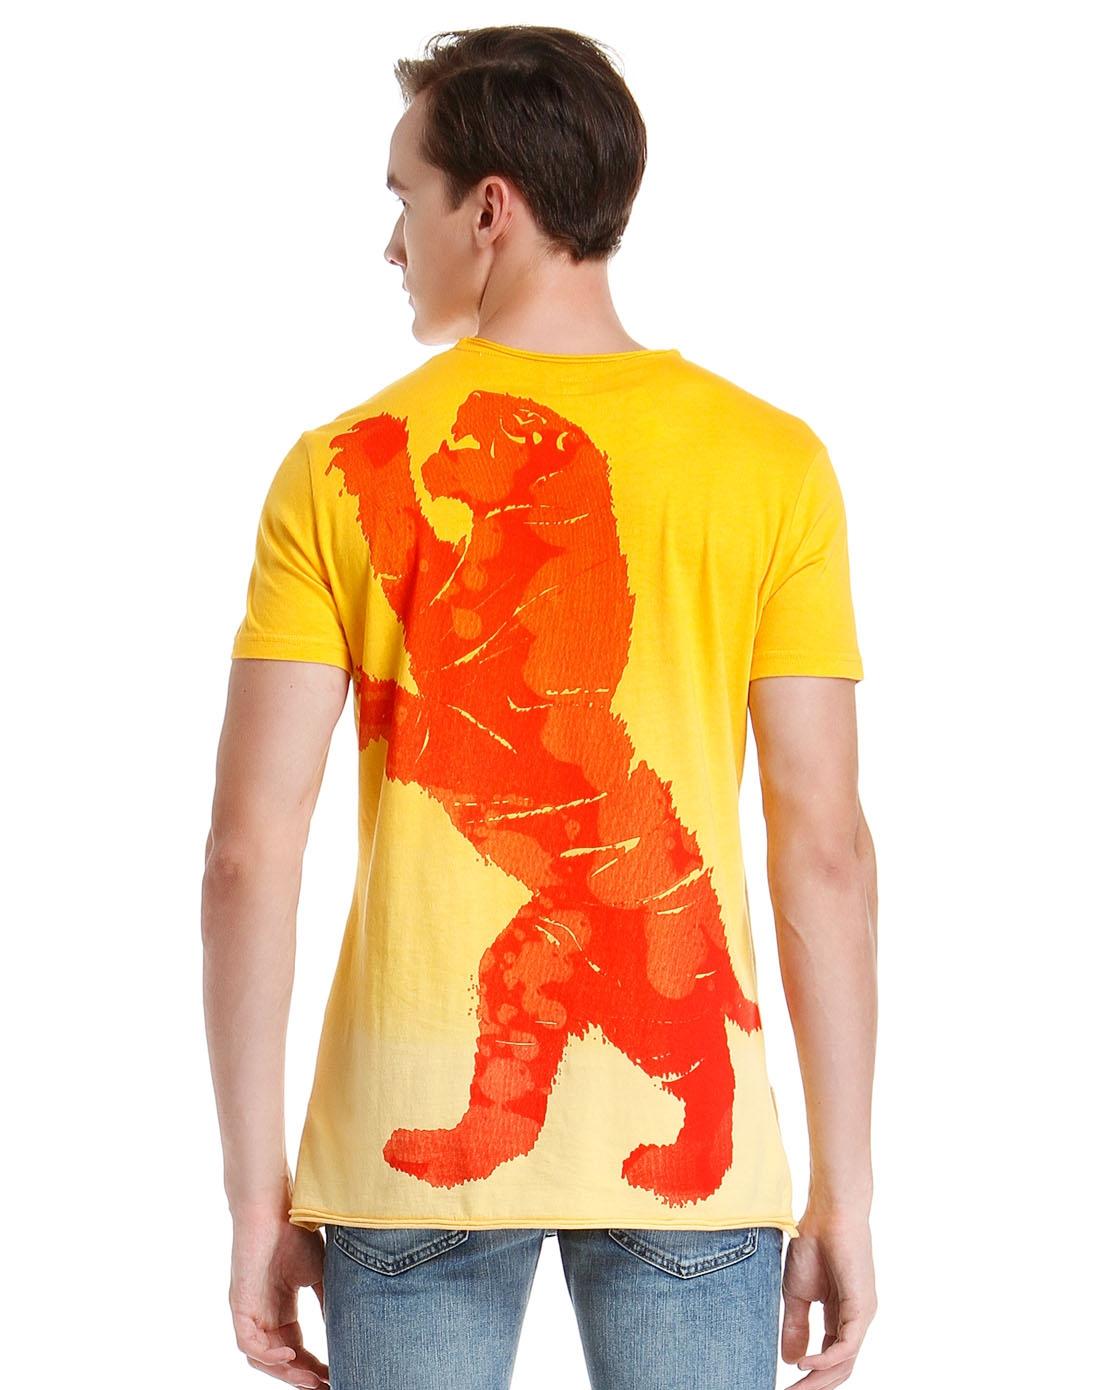 男款后背手绘图案亮黄色短袖t恤